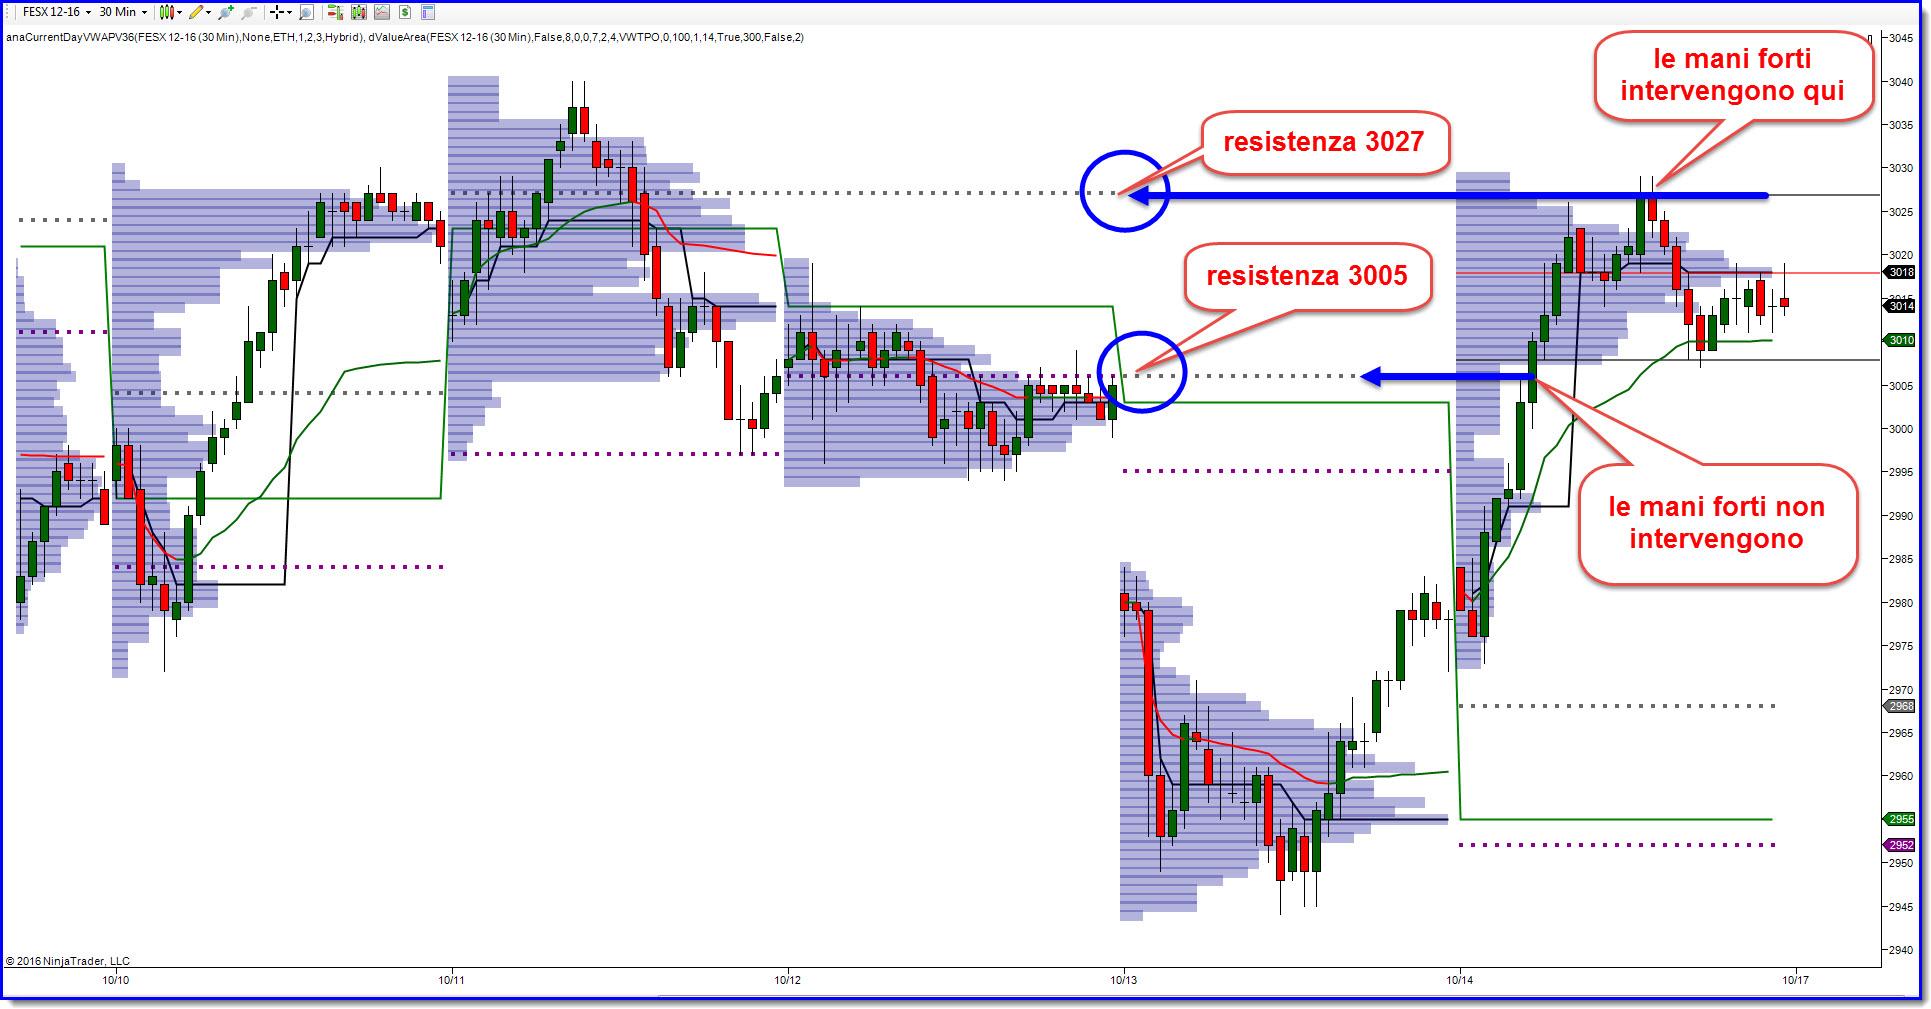 Nel Trading quanto sono in grado le mani forti di muovere il mercato?